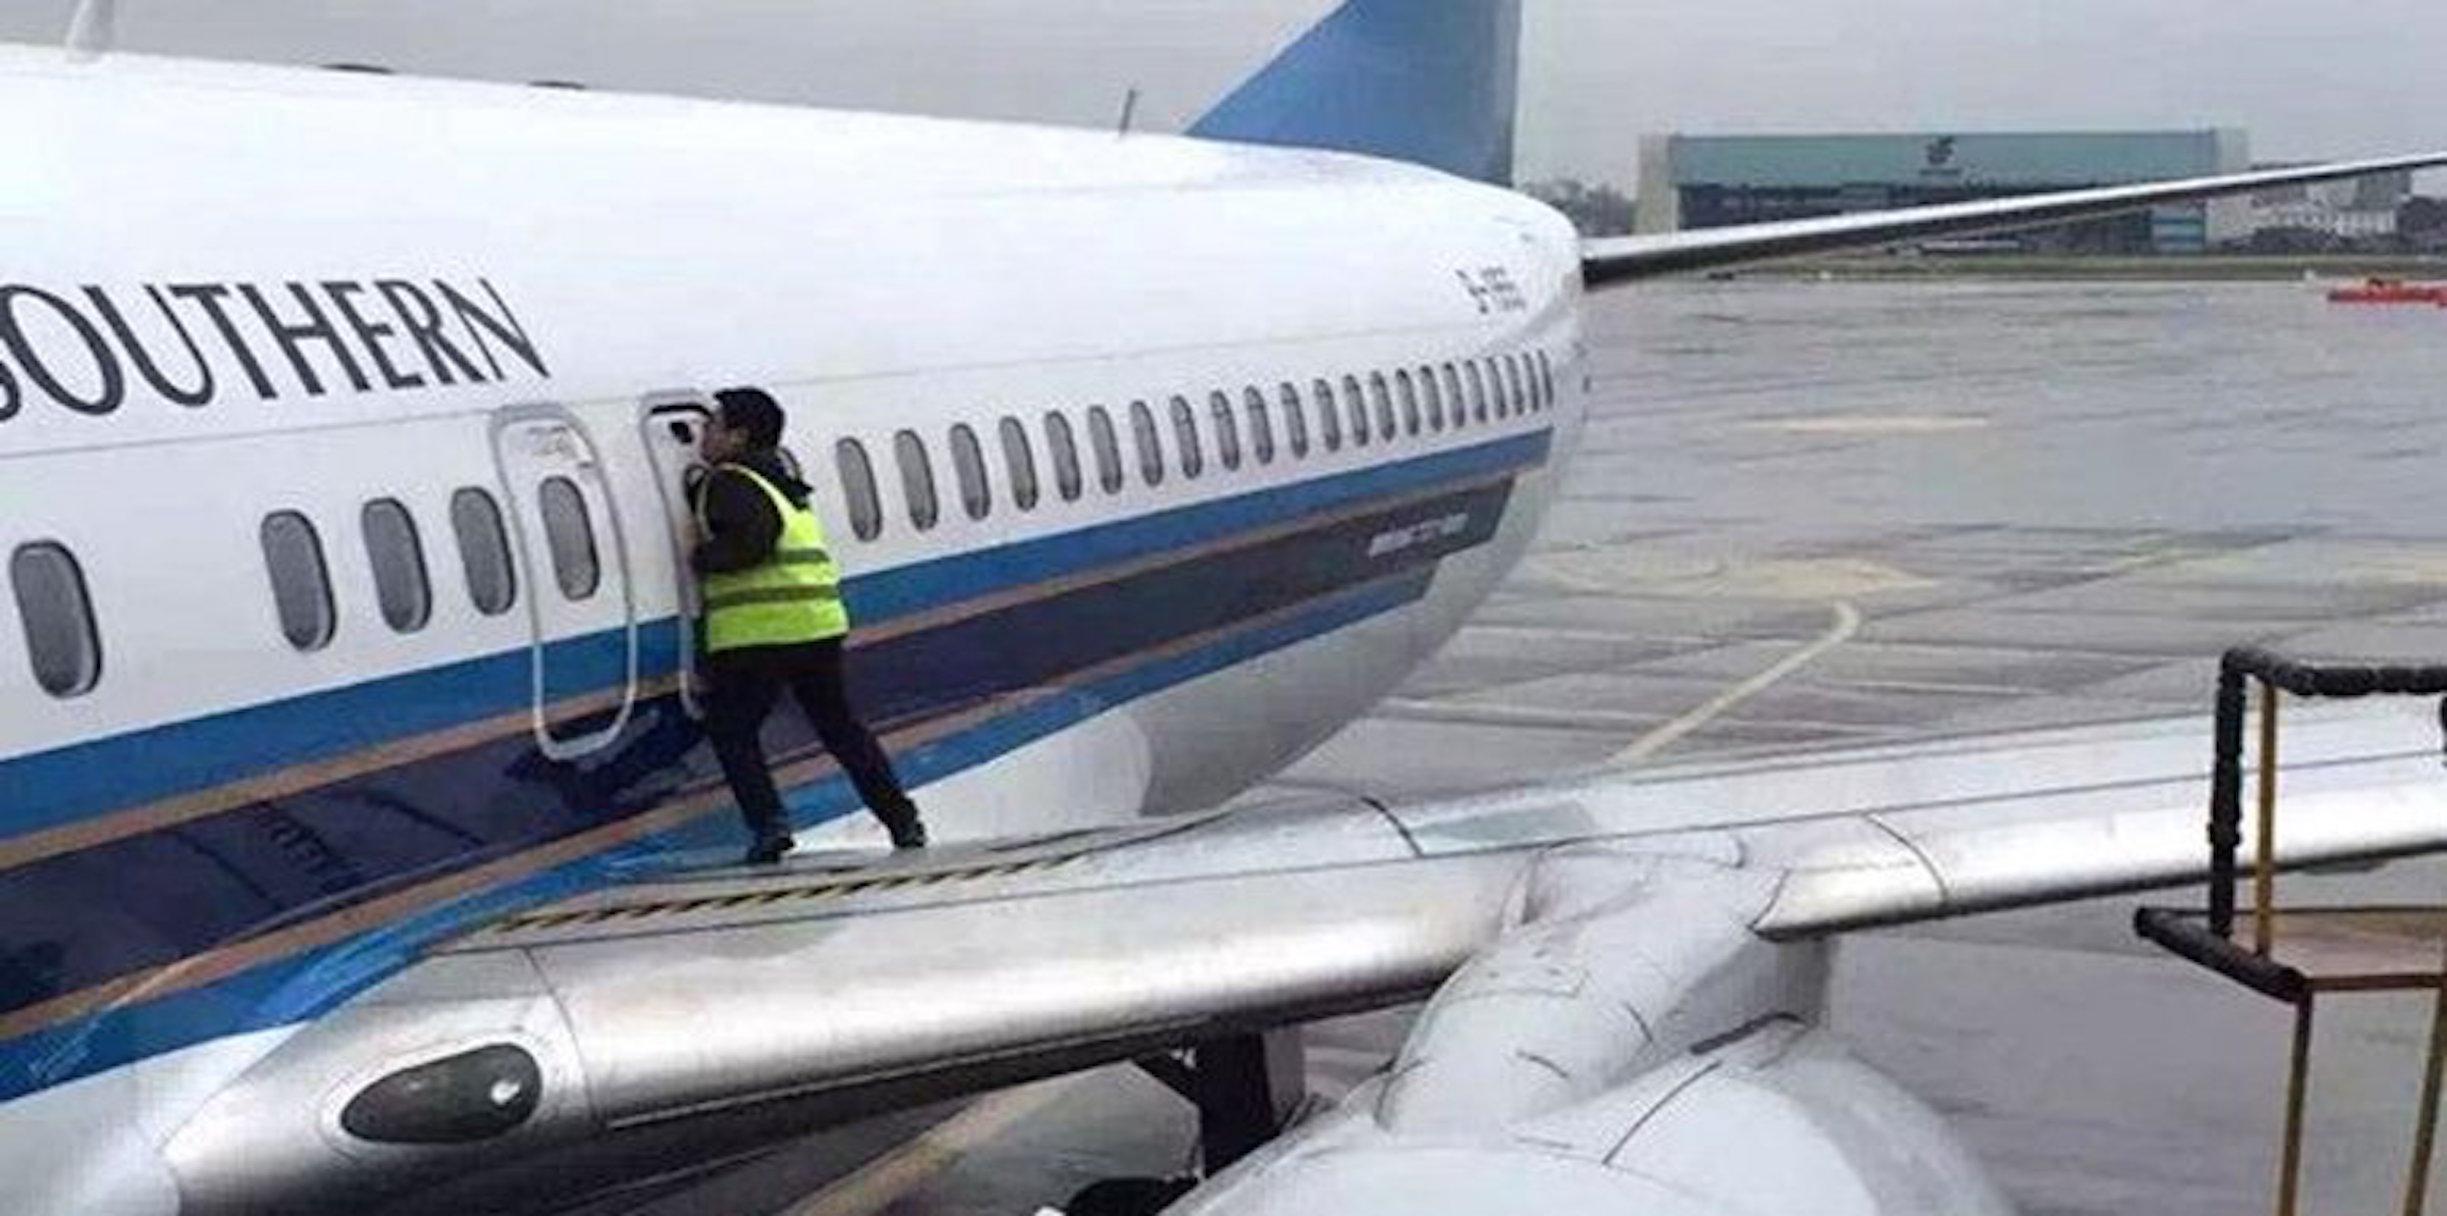 Dekompresi 2 Pintu Tidak Akan Terbuka Selama Terbang